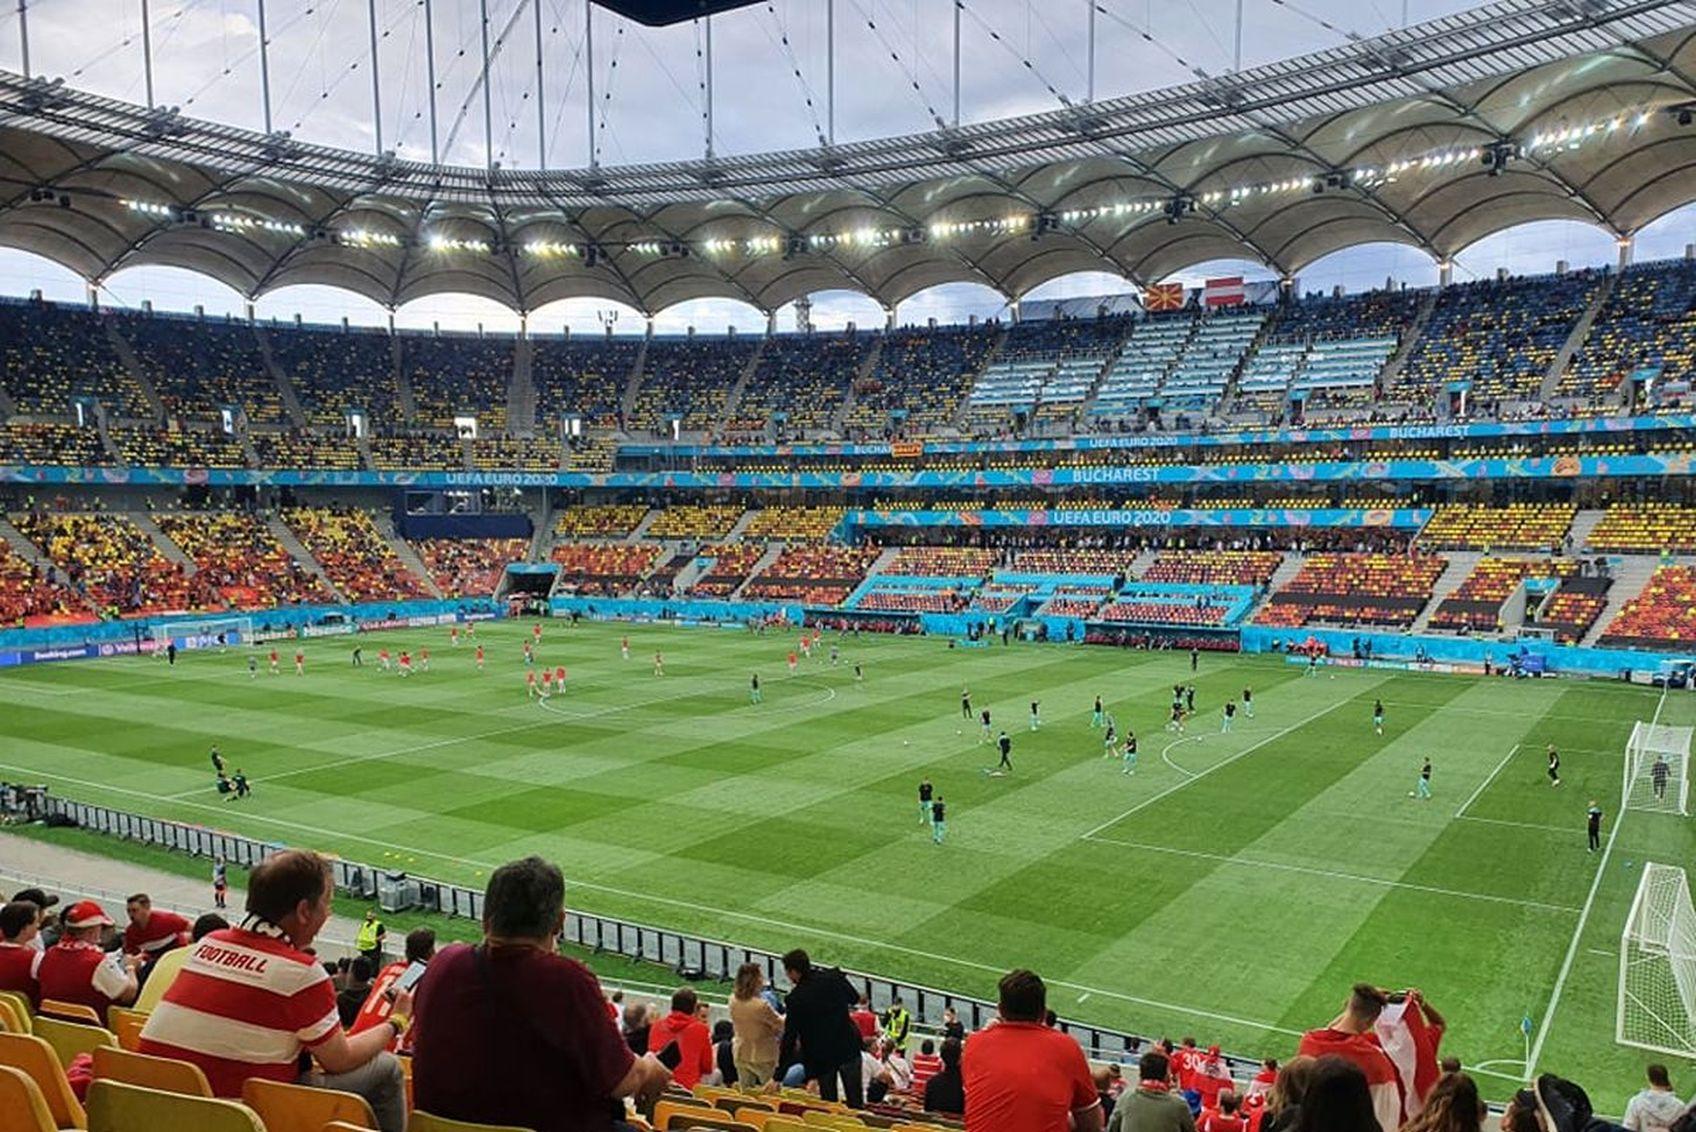 arena nationala macedonia austria